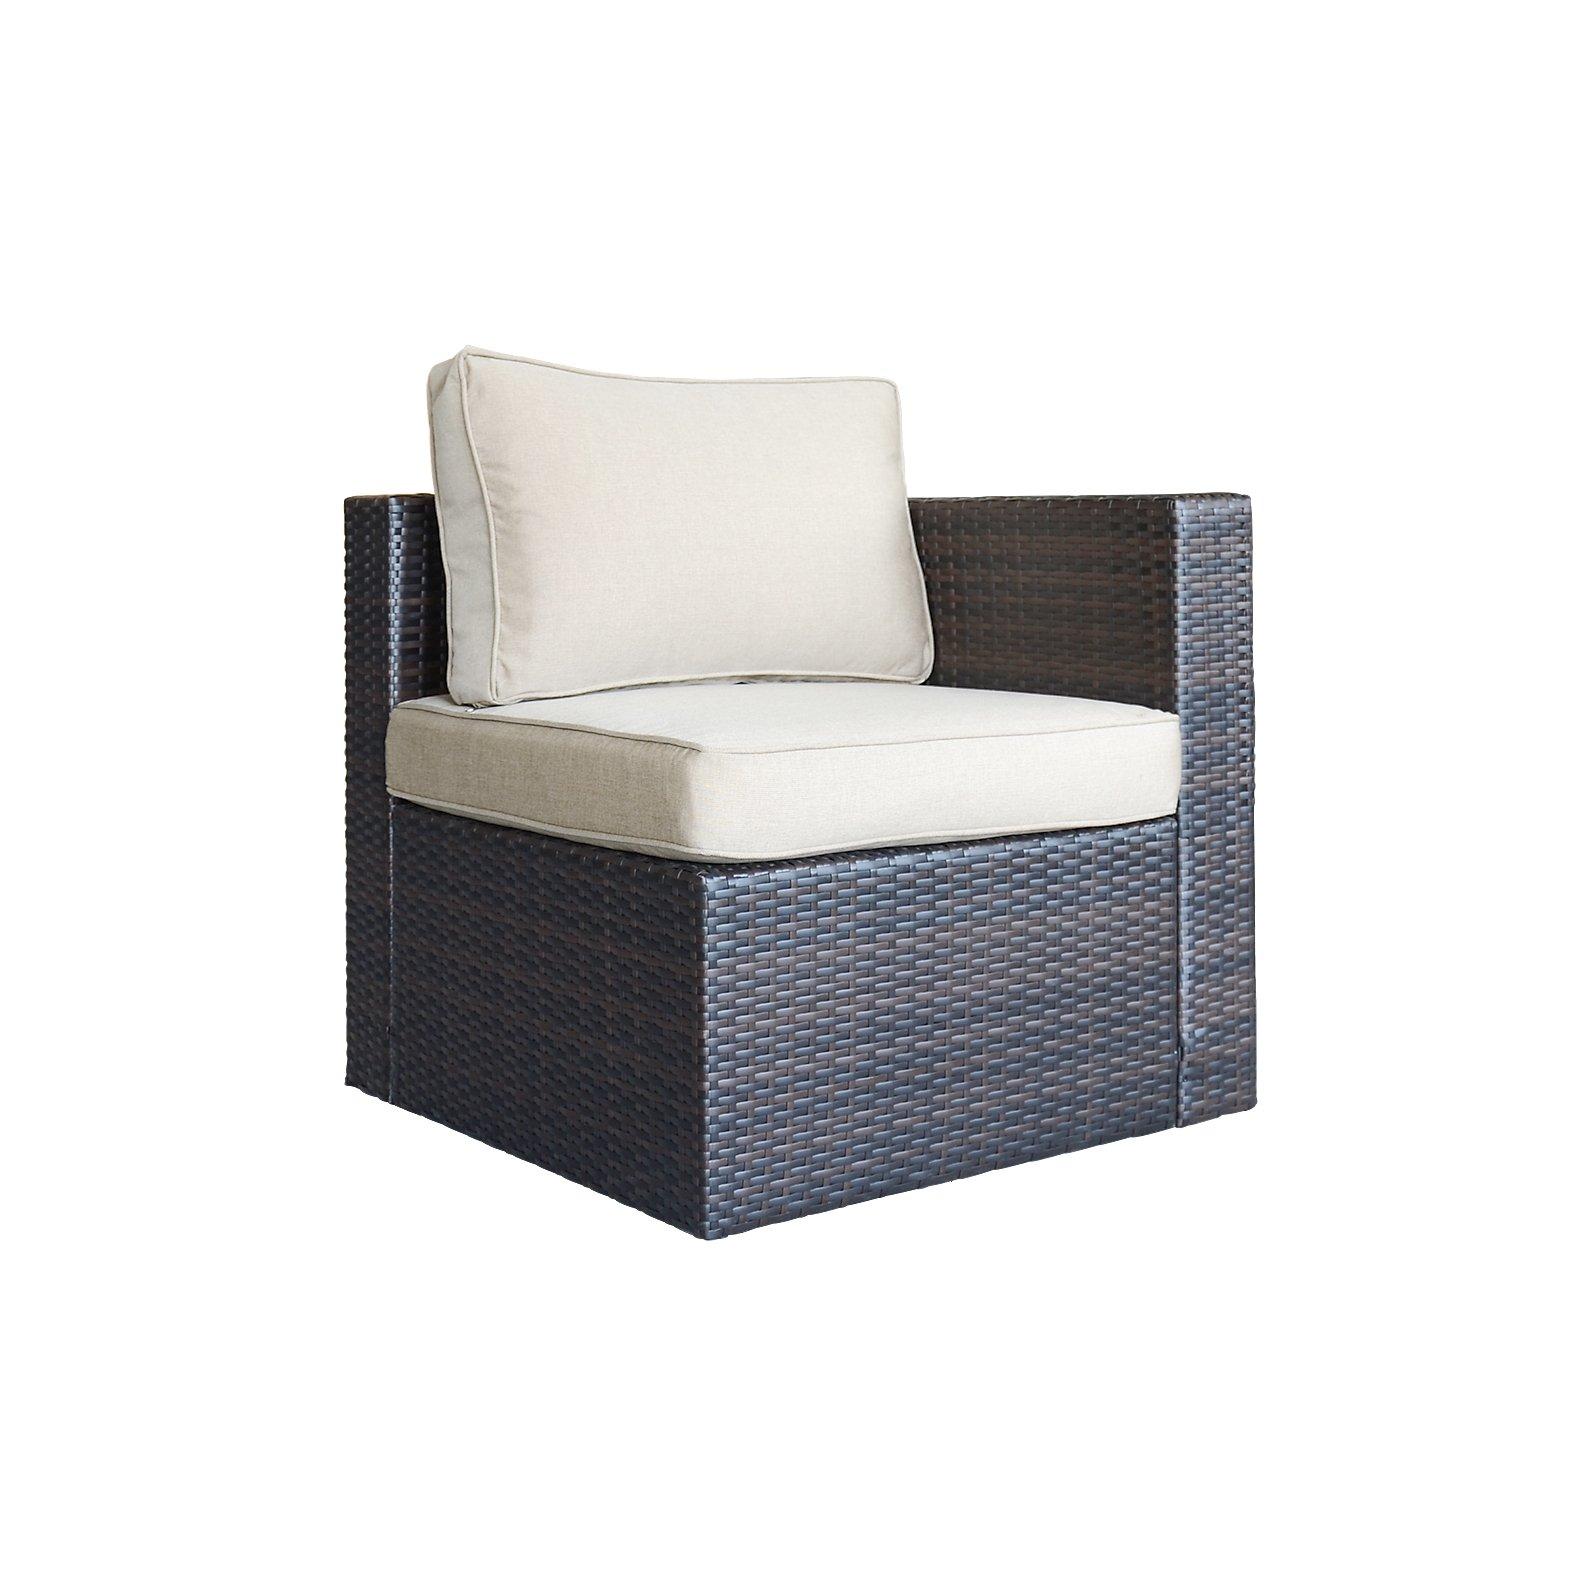 ORNO TTOBE Outdoor Patio Garden Furniture Rattan Wicker Sofa,Corner Chair by ORNO TTOBE